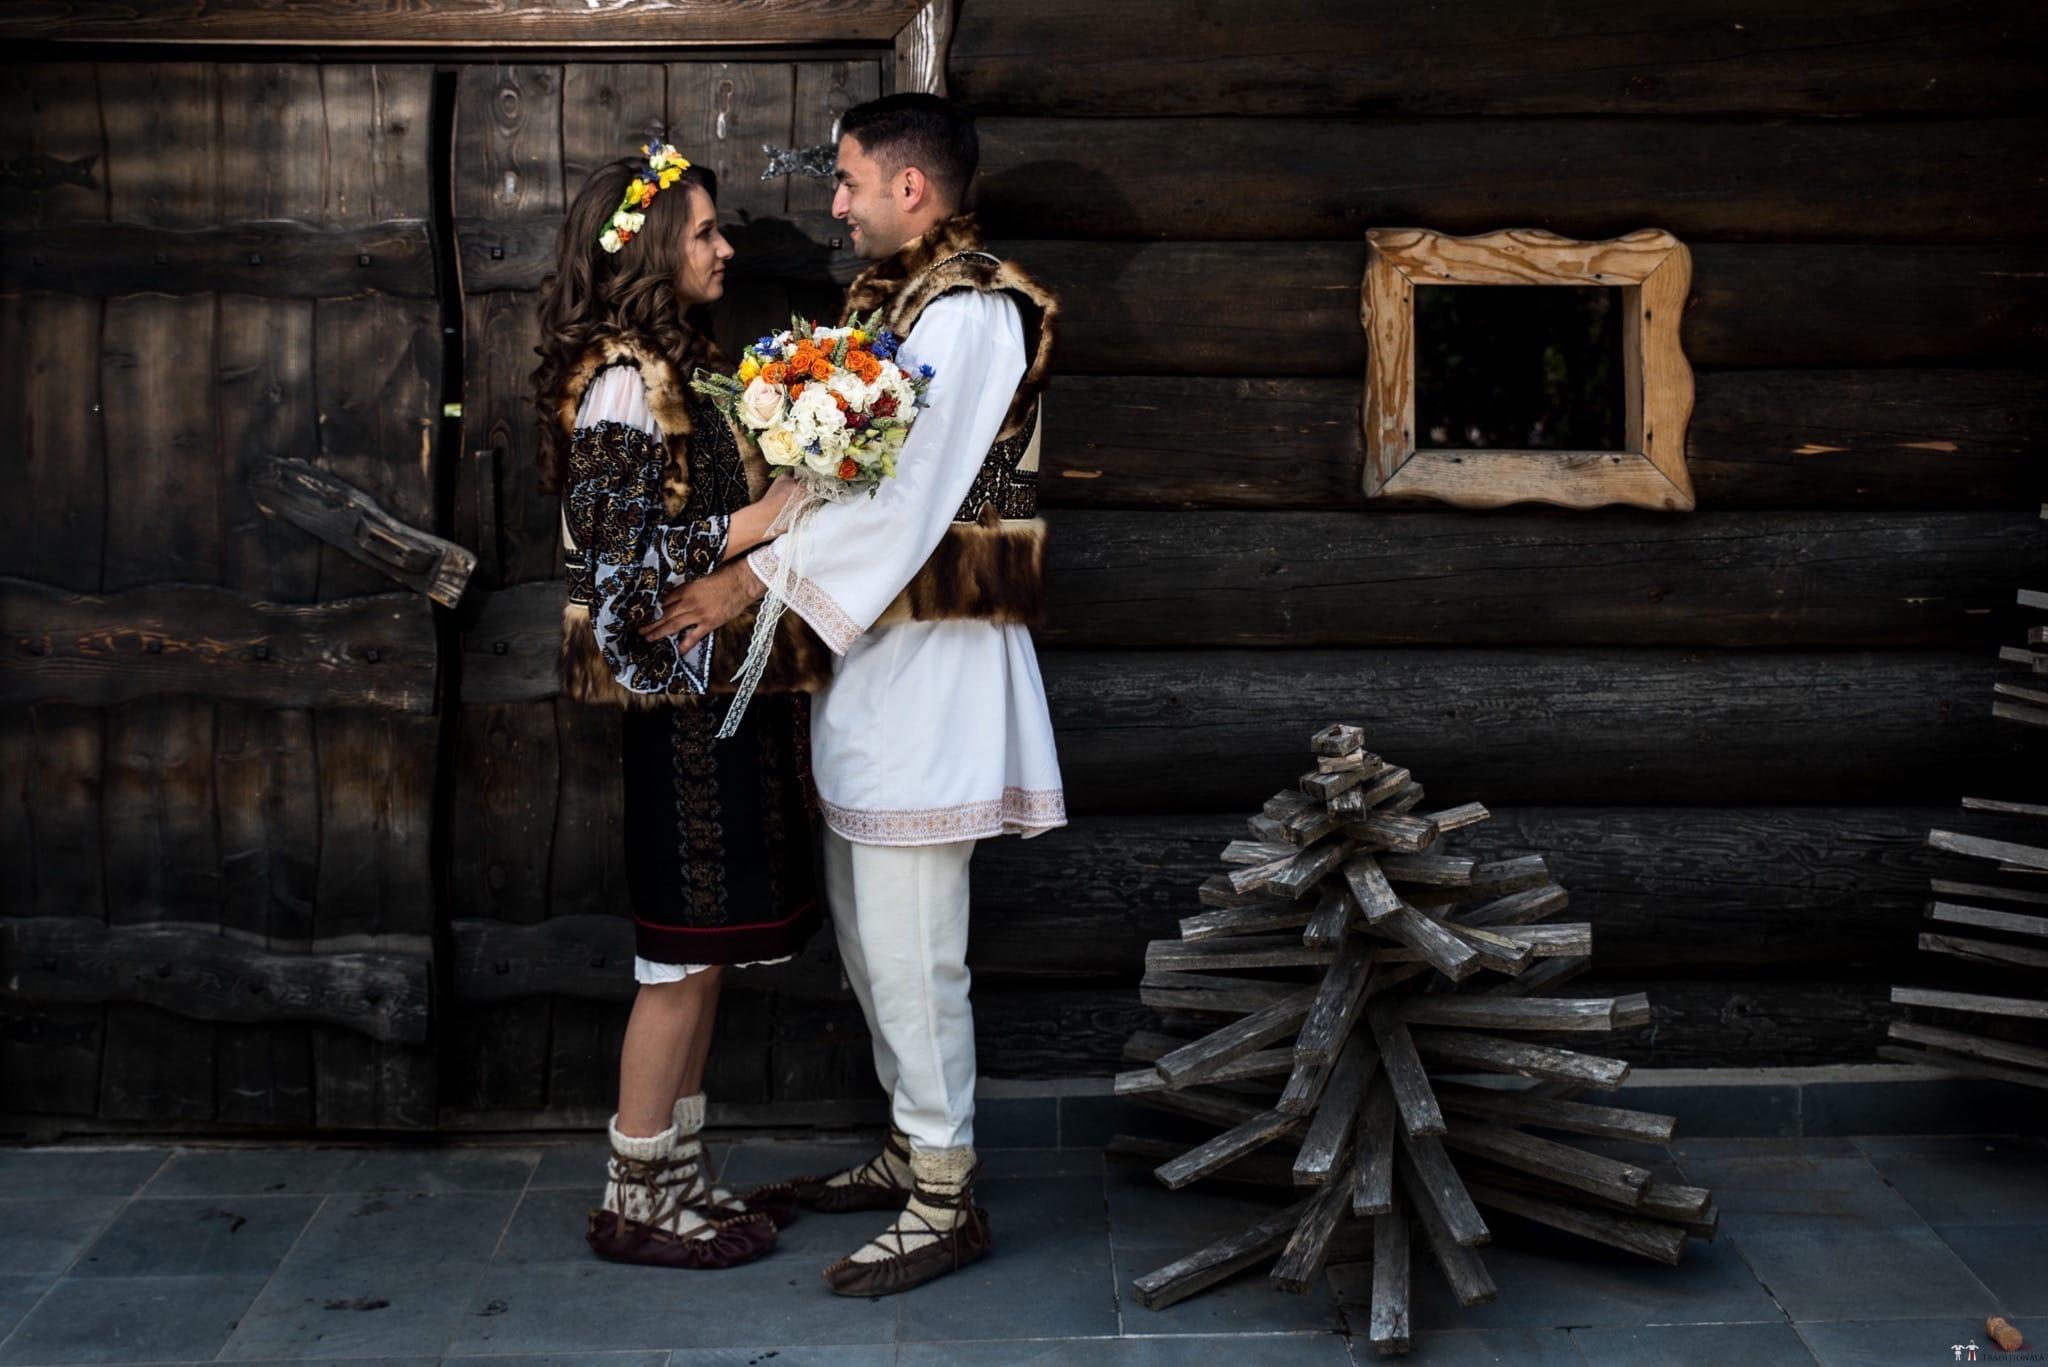 Povești Nunți Tradiționale - Irina și Alexandru, nuntă în Câmpulung Moldovenesc, Suceava 37